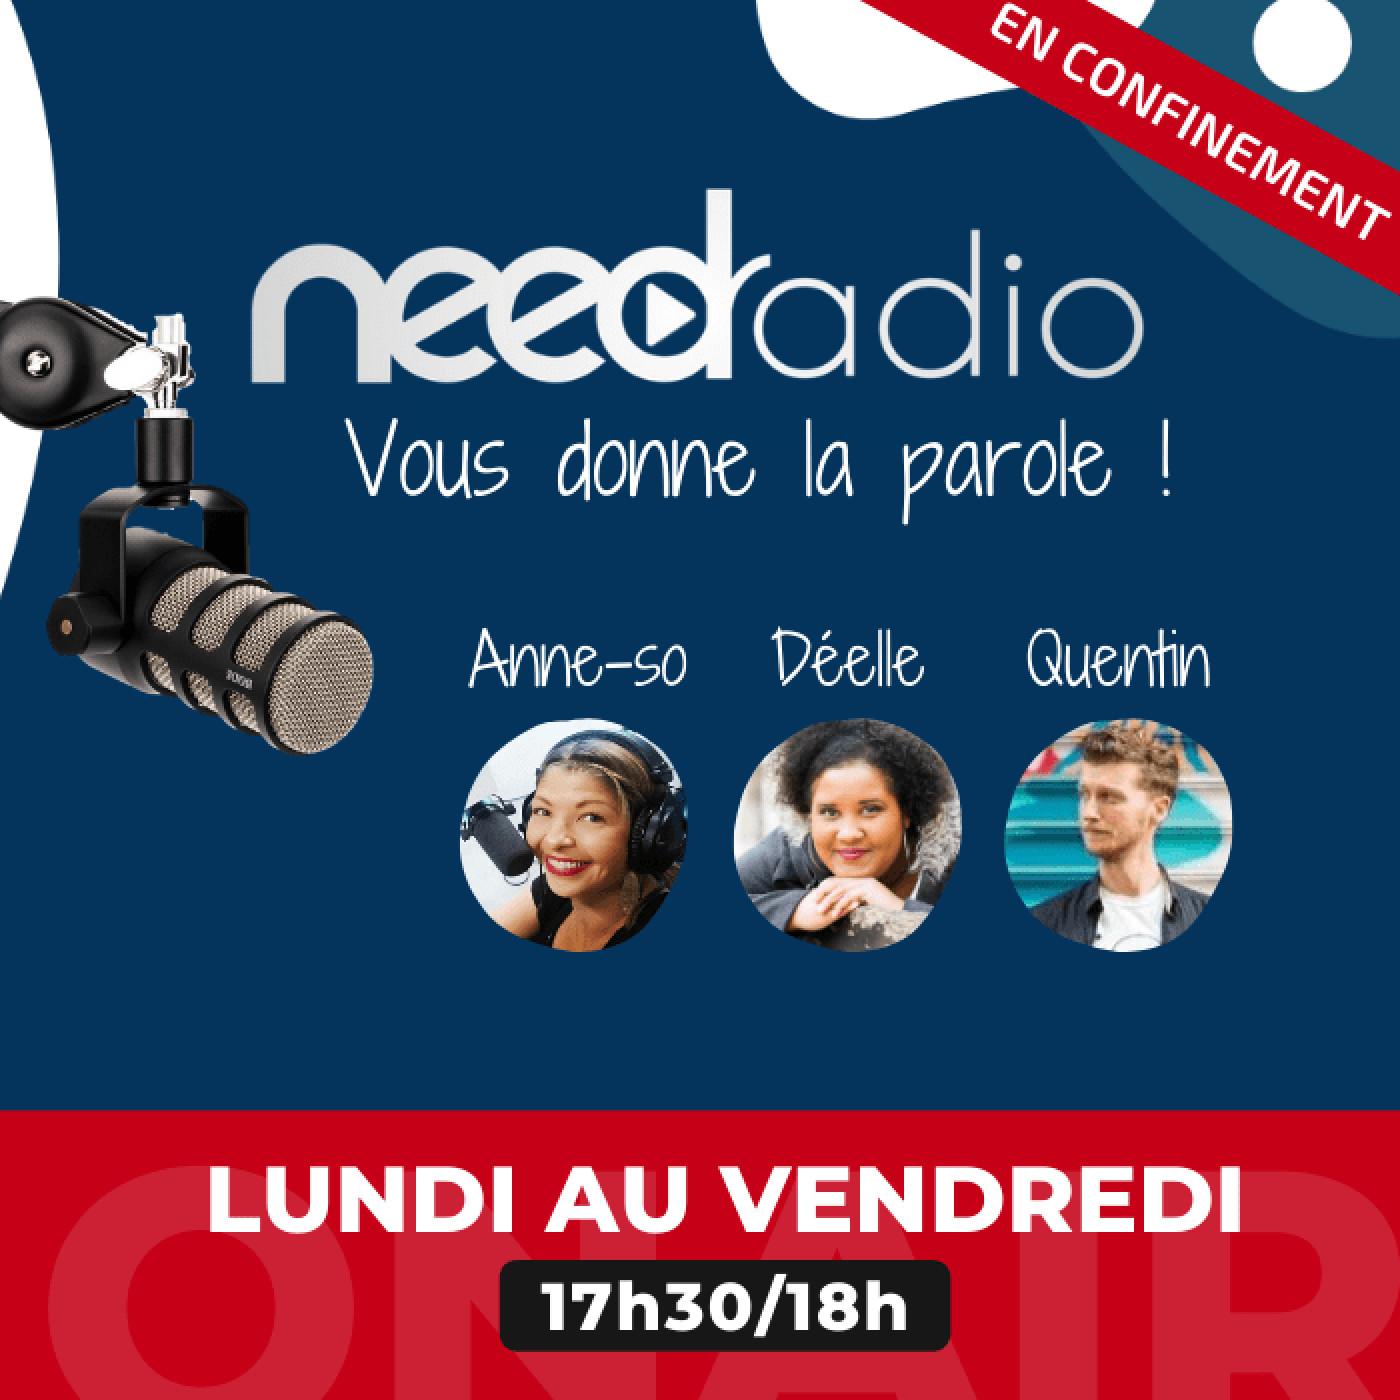 #NRVDLP spéciale confinement - Maelle Adenot (Resp Petite Enfance) et Cécile Binart (Resp du Promotion de la Santé) (05/05/20)